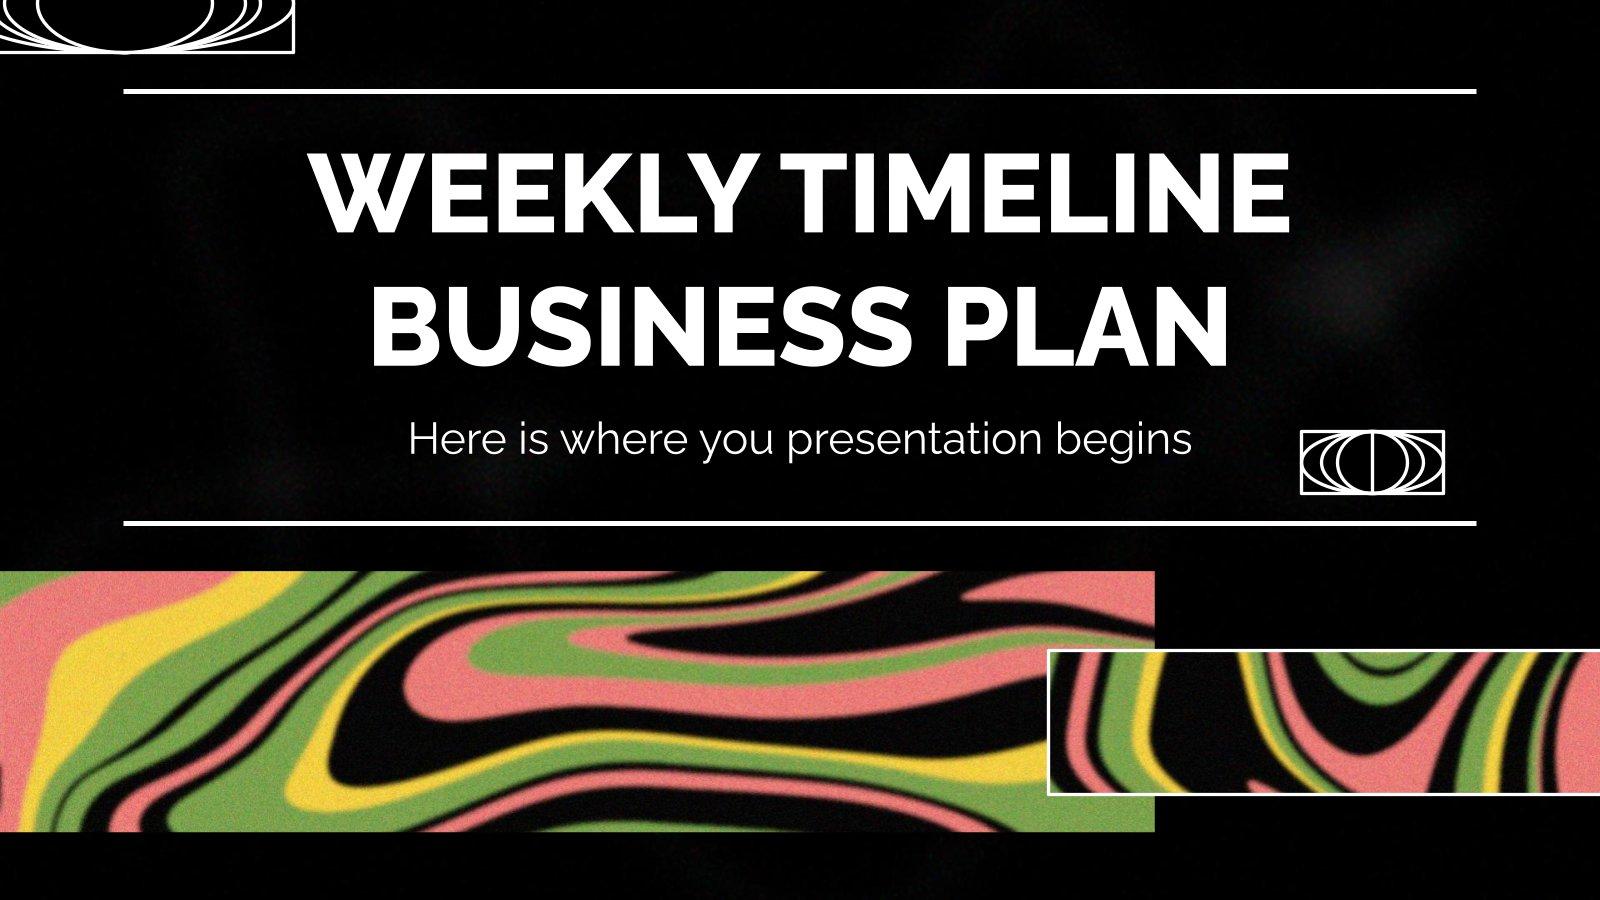 Plan d'affaires hebdomadaire : Modèles de présentation